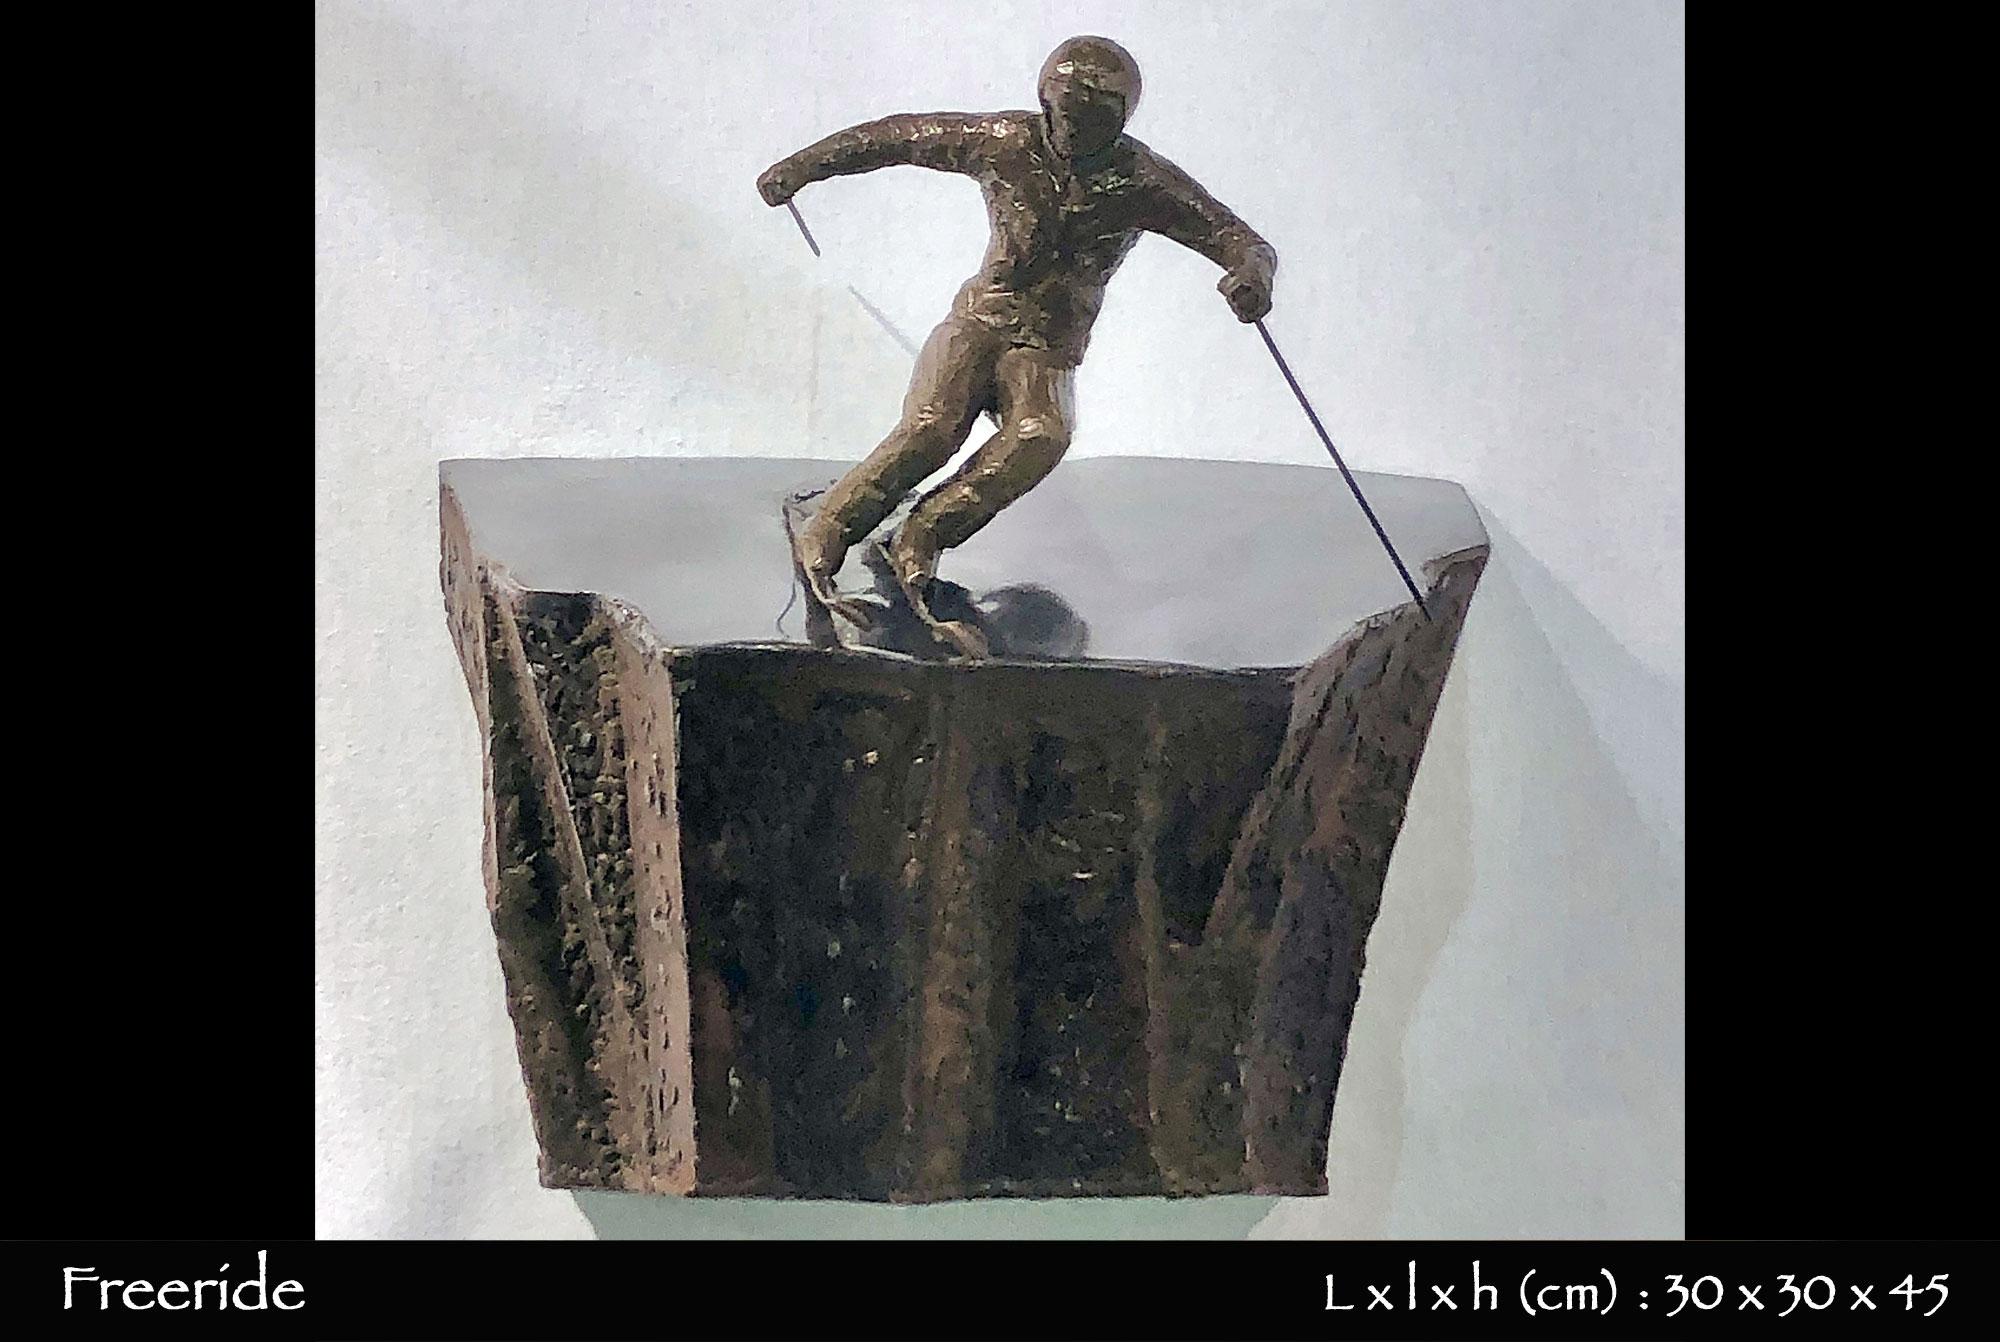 Skieur en bronze sautant d'une barre rocheuse